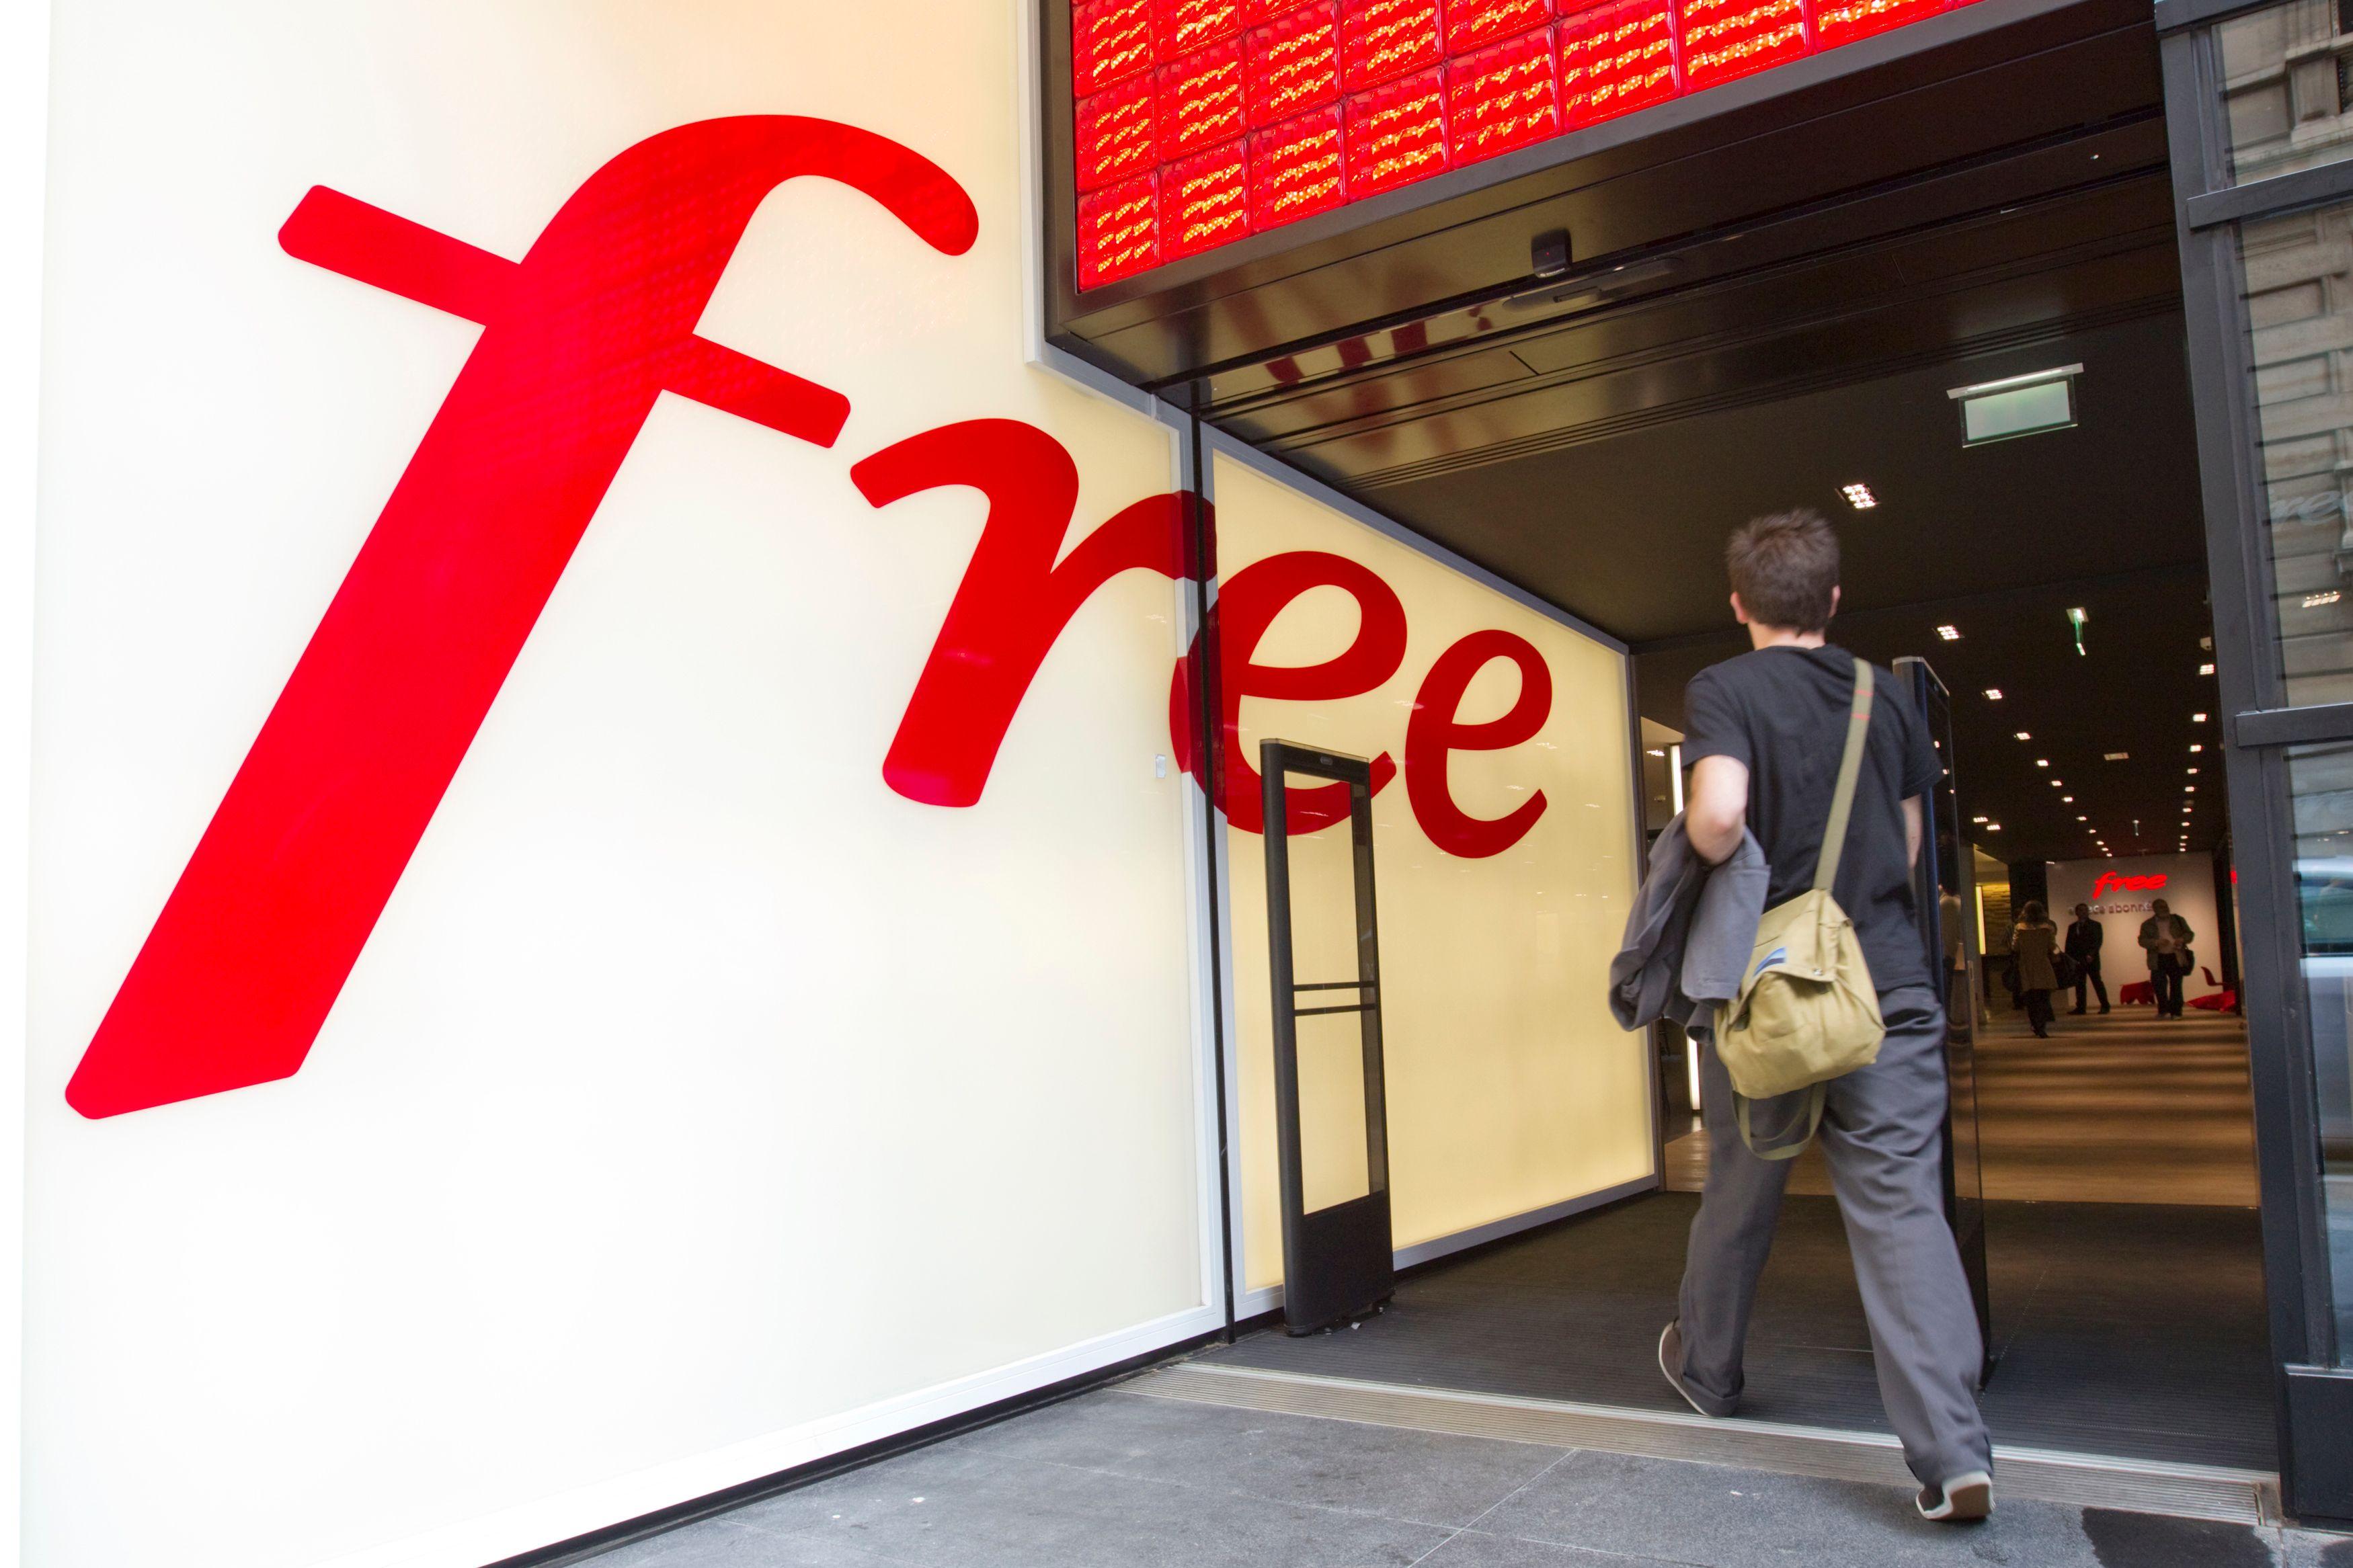 SFR et Bouygues Telecom doivent trouver des solutions pour sortir la tête de l'eau face à la concurrence de Free Mobile.